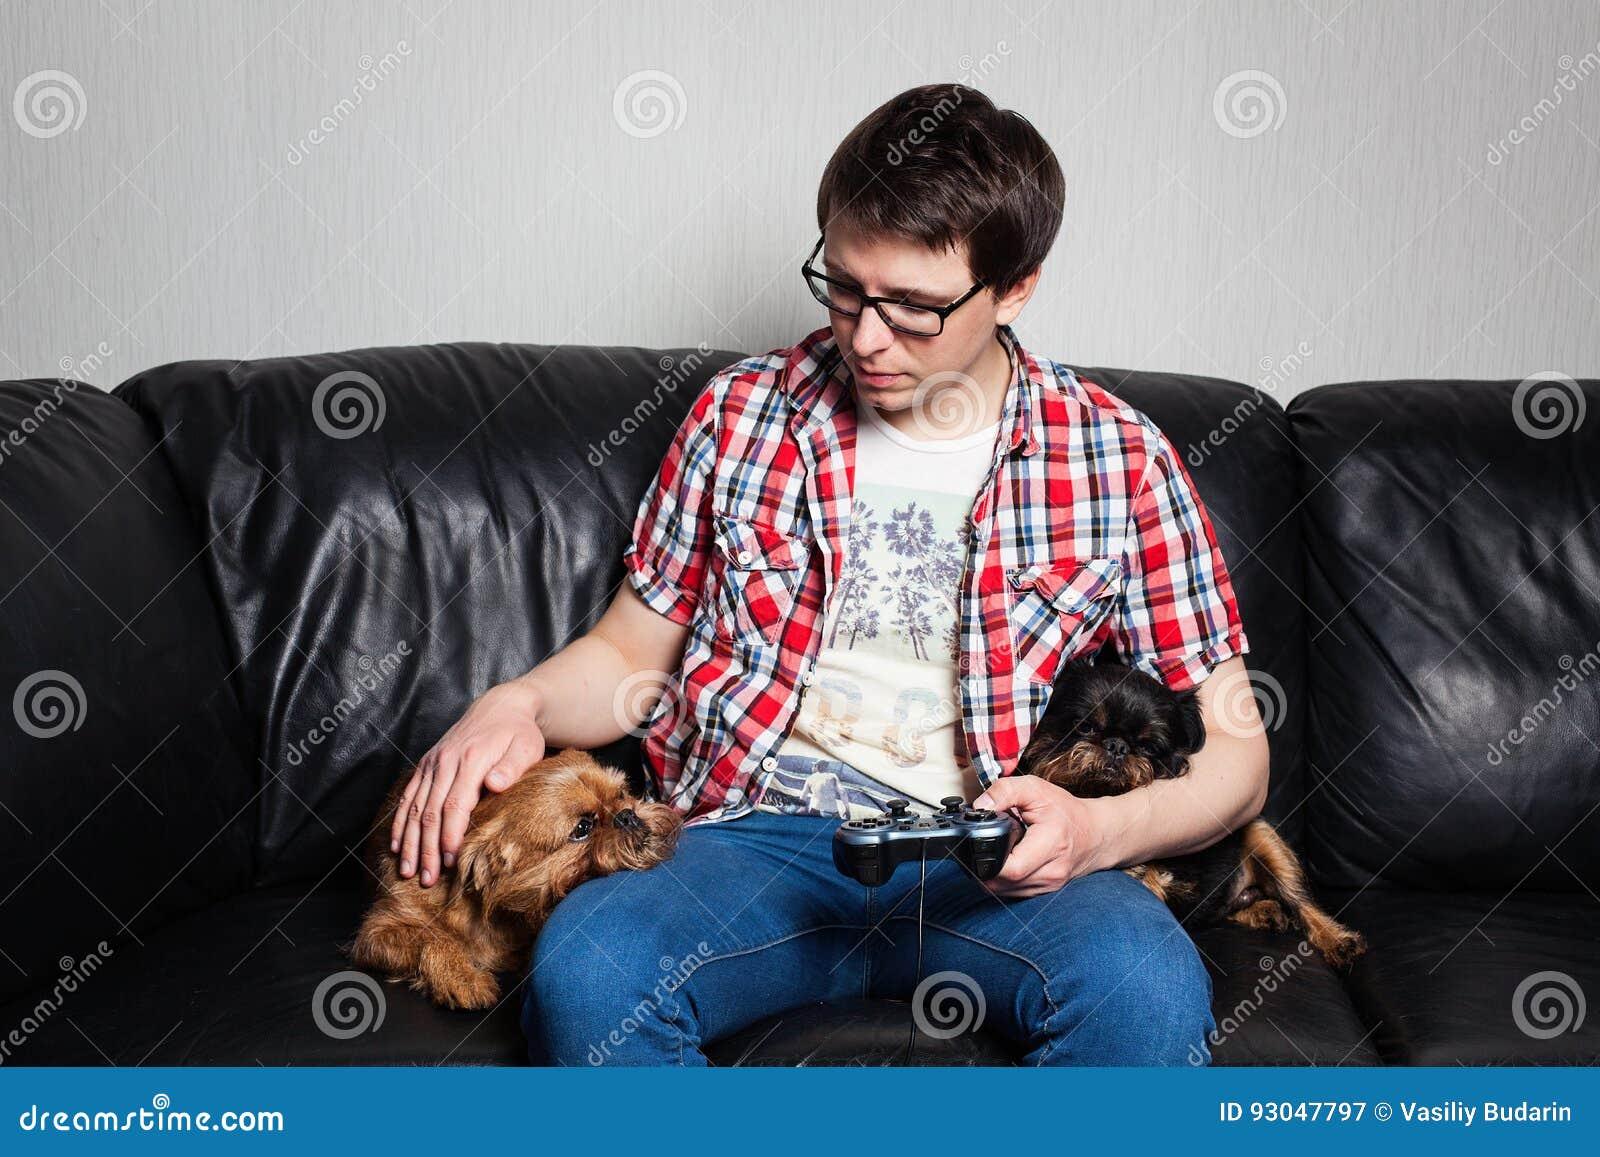 Un hombre joven en una camisa roja y tejanos se sienta en casa y juega a los videojuegos así como su perro El individuo llevó una